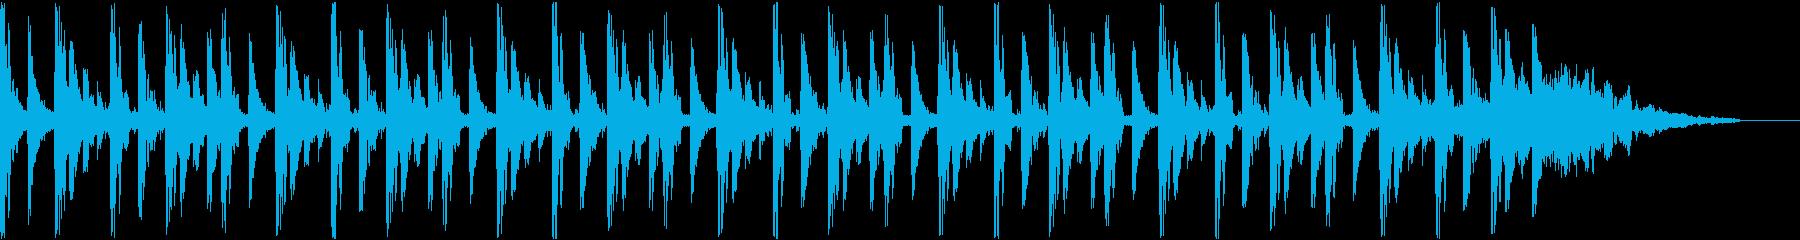 テクノなBGMの再生済みの波形